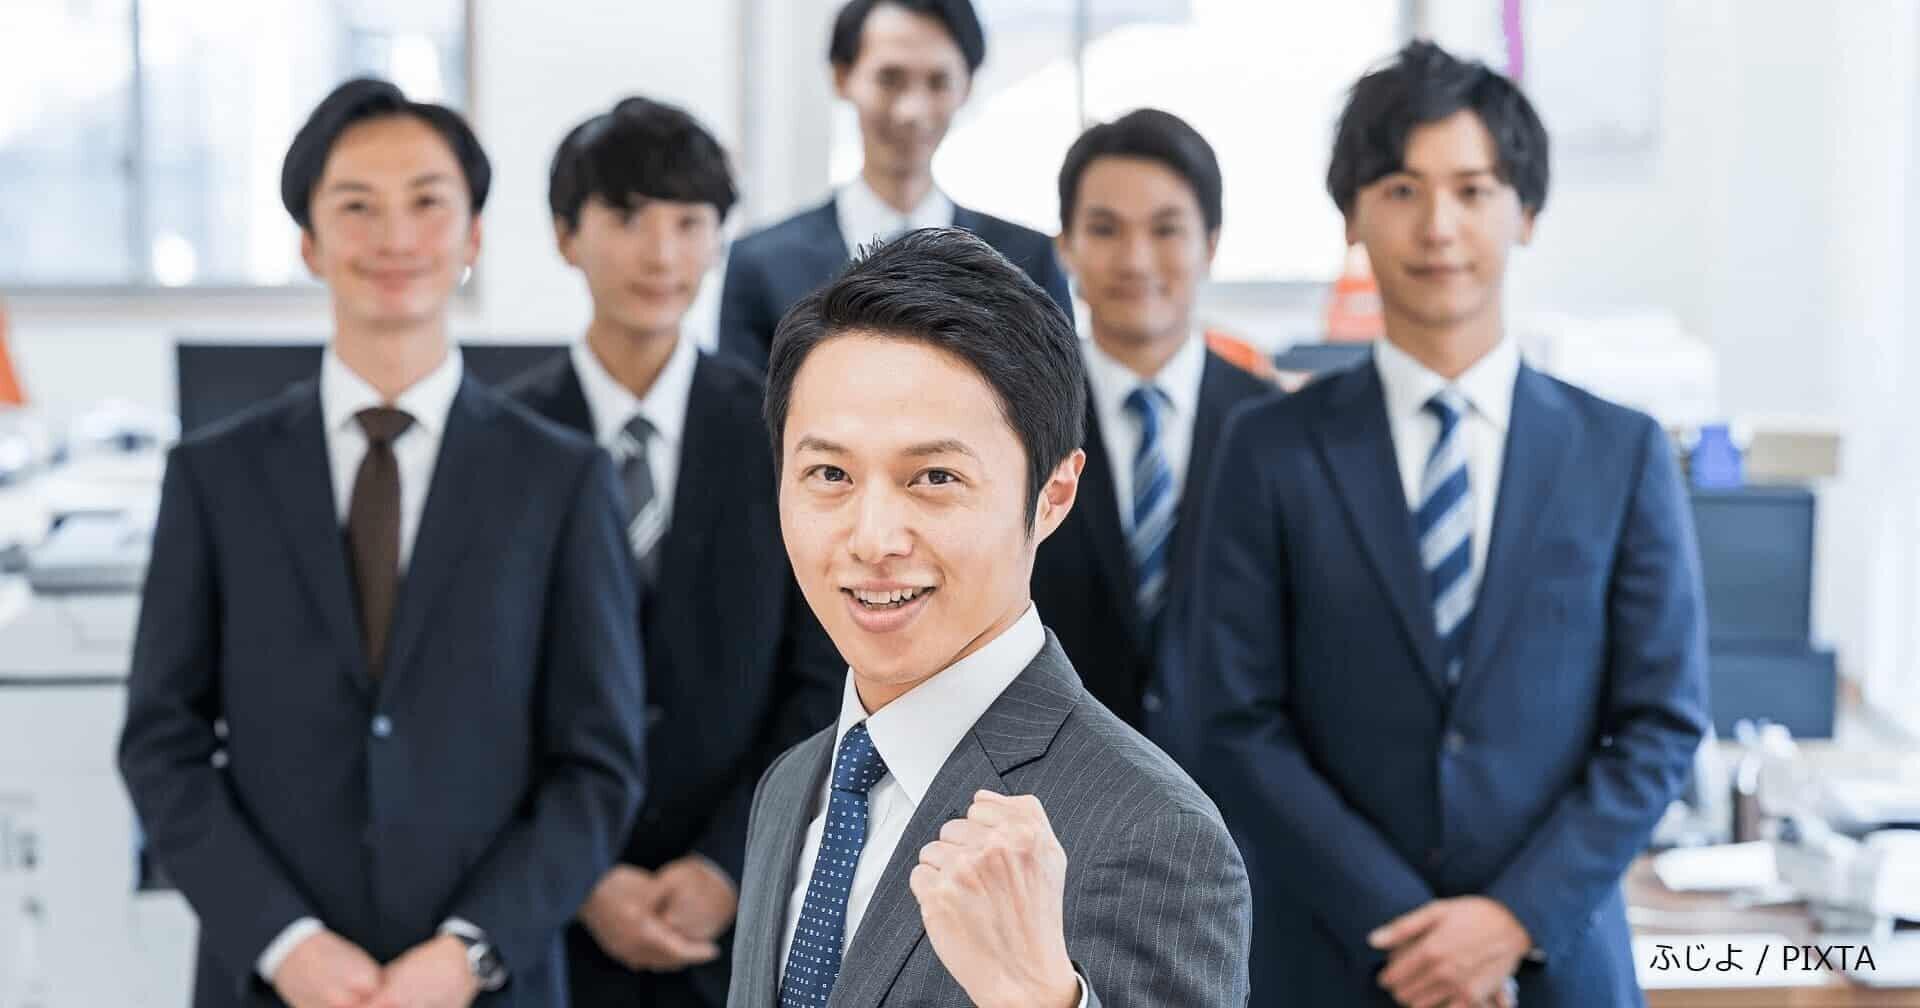 経営のわかるリーダーを育てる「次期経営幹部 養成講座」のご提案